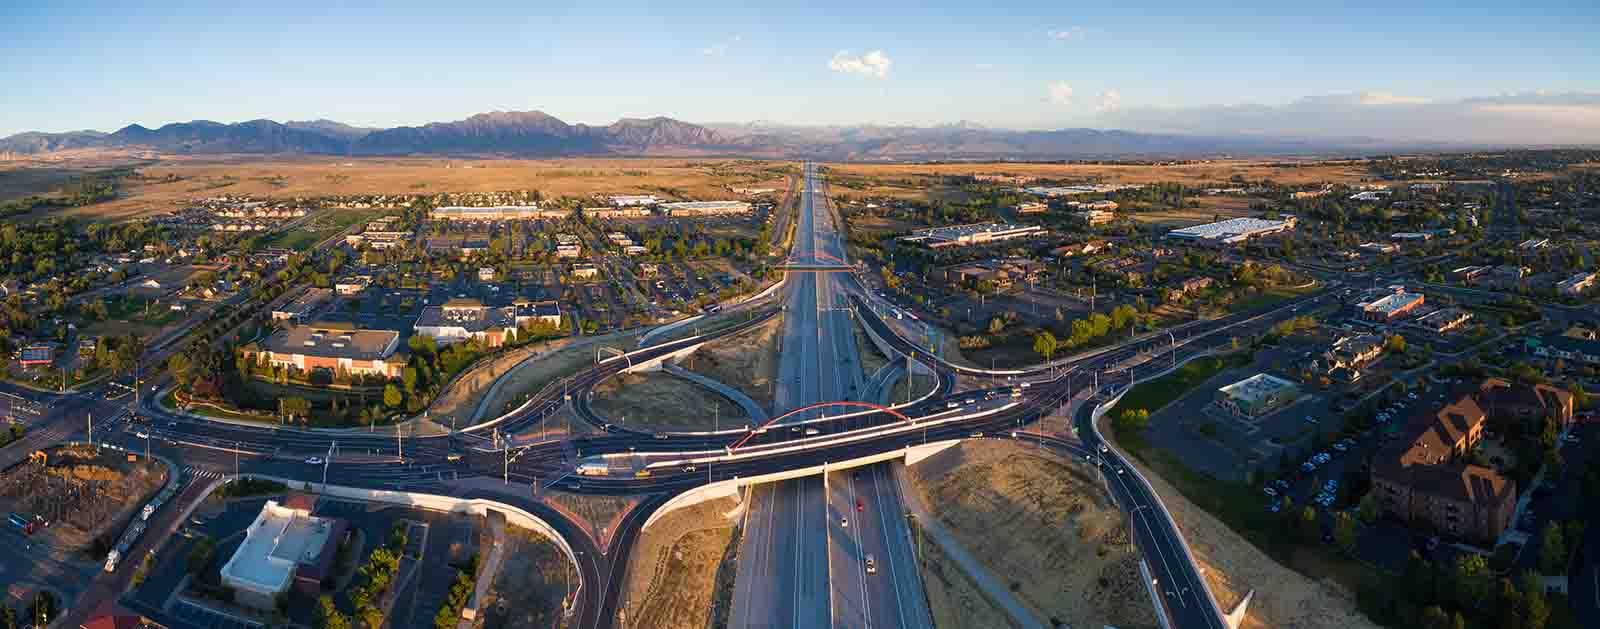 Highway 36 Aerial detail image